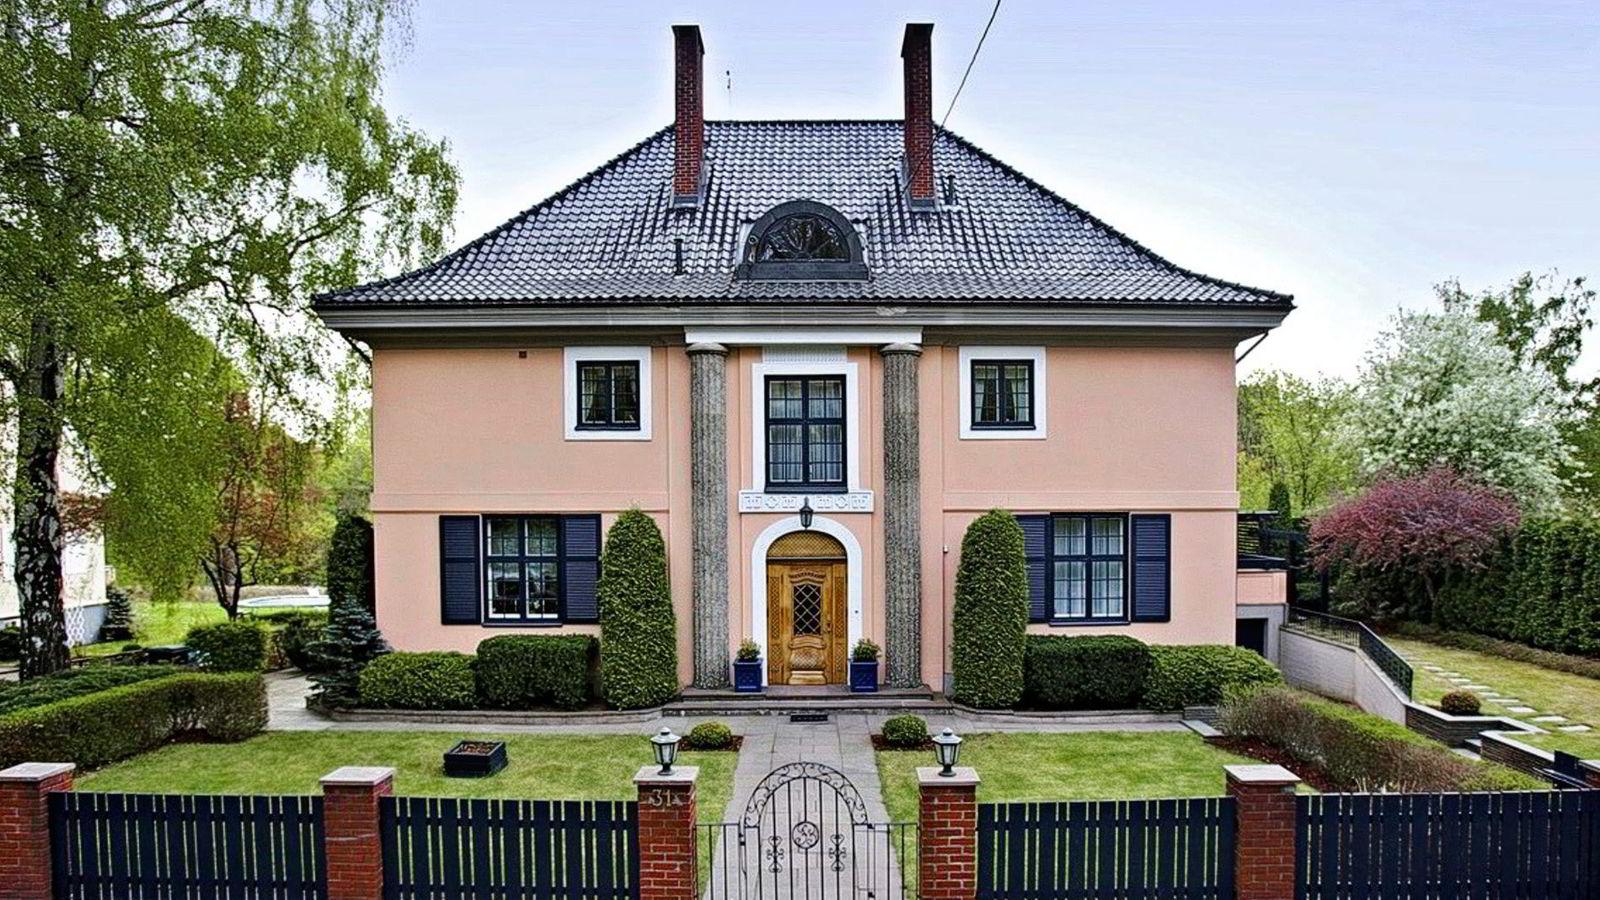 Interessen for denne murvillaen i Madserud Allé i Oslo har vært svært stor, ifølge eiendomsmegler Nils O.M. Nordvik. Villaen er lagt ut med en prisantydning på 33 millioner kroner.